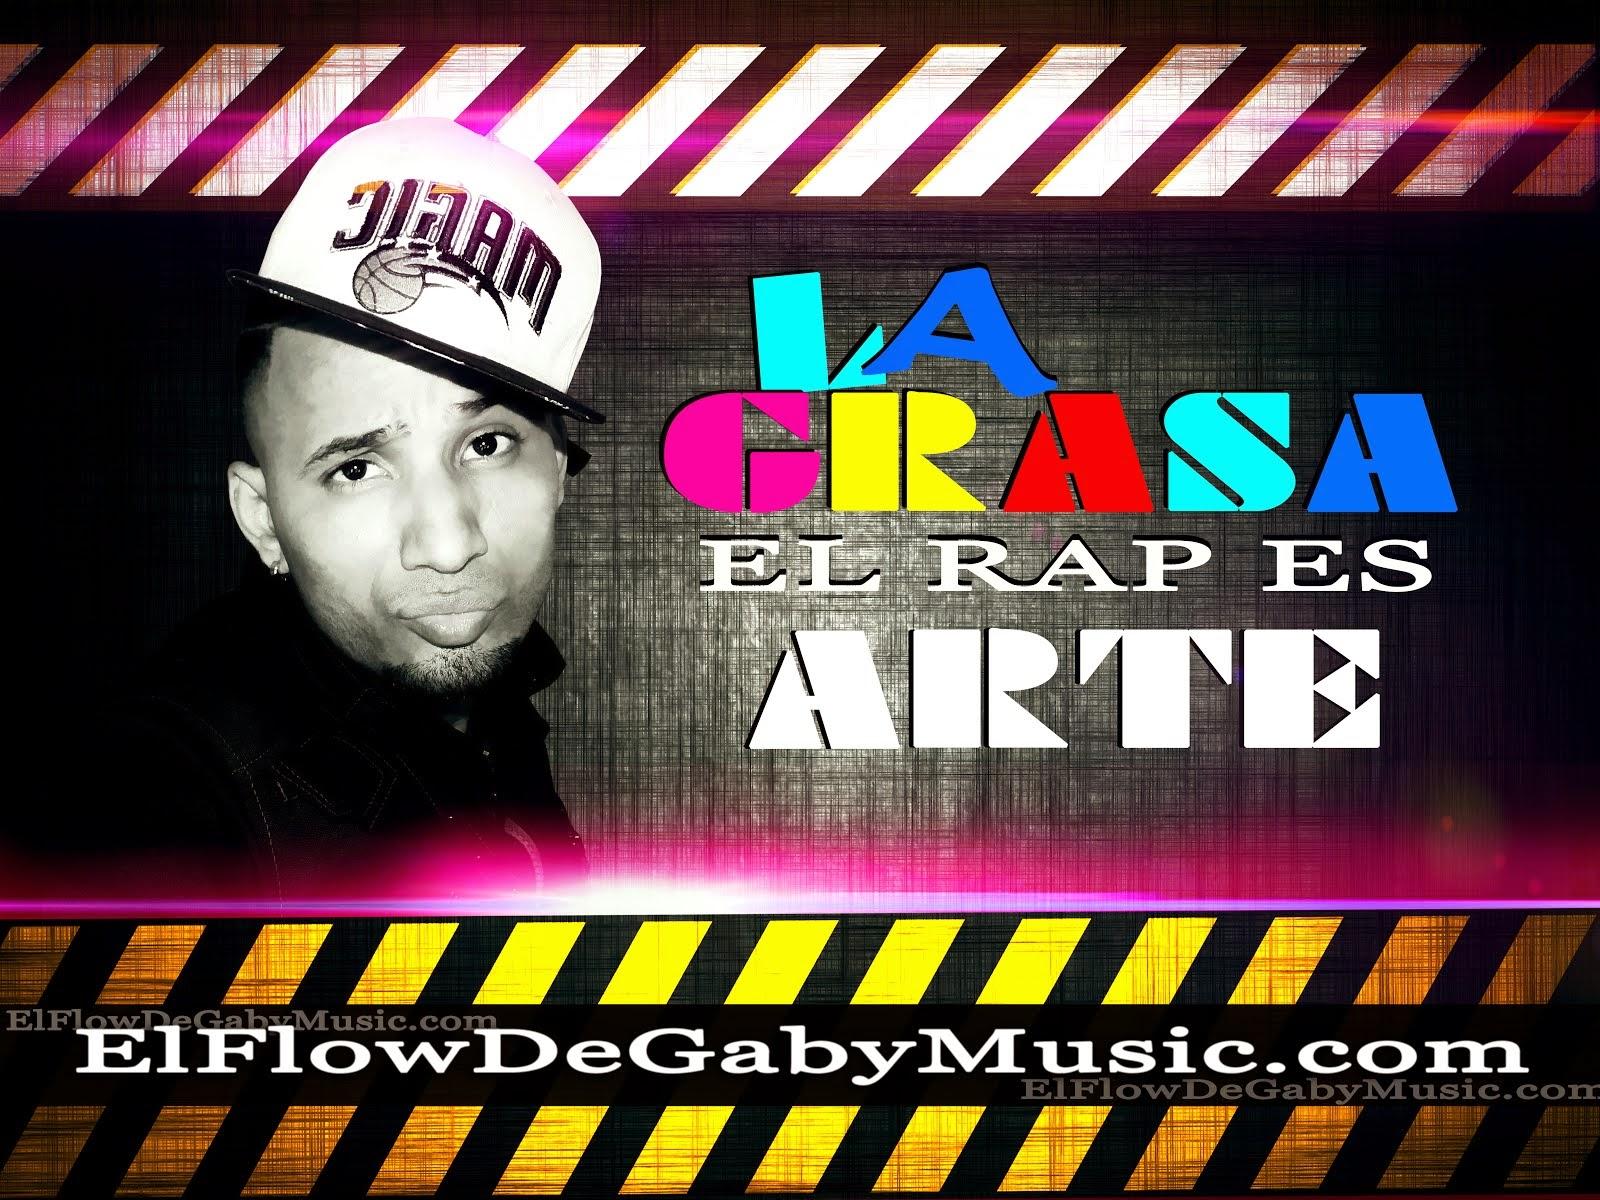 CDB By LA GRASA